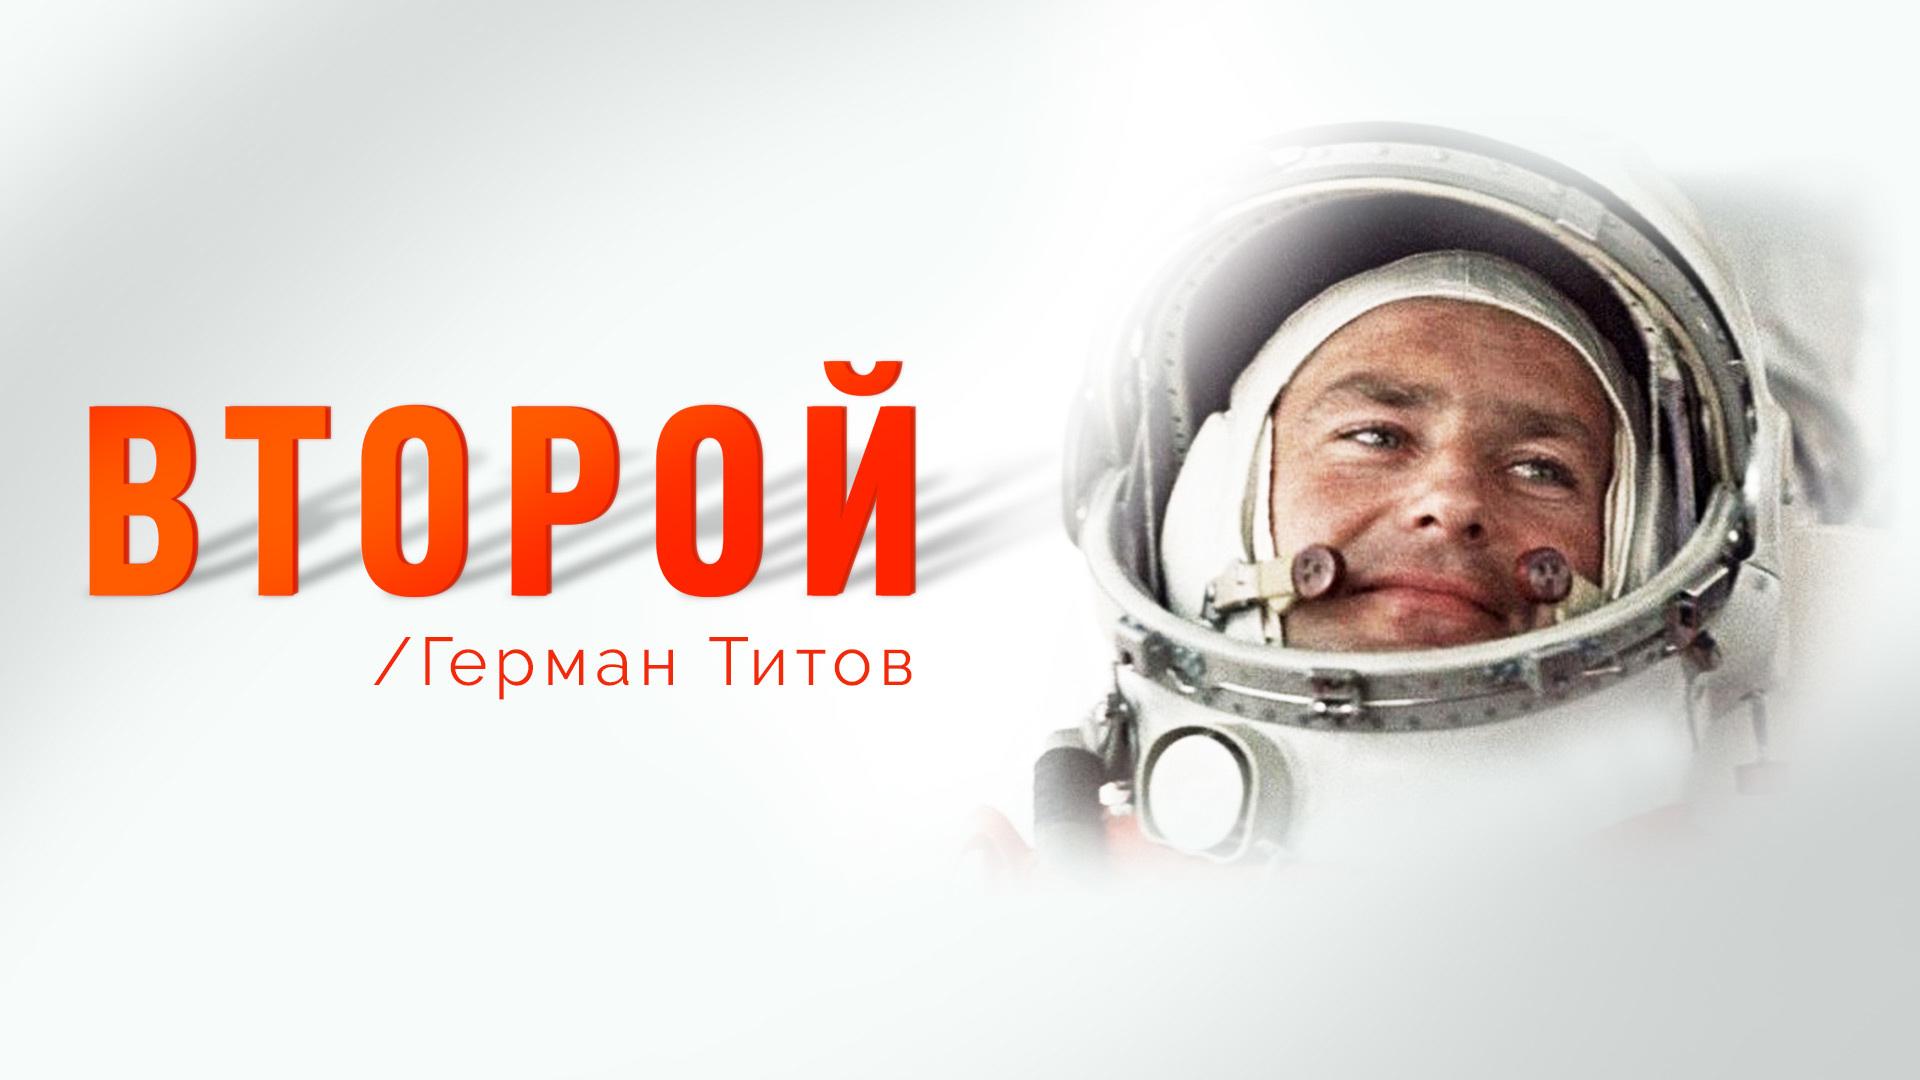 Второй. Герман Титов